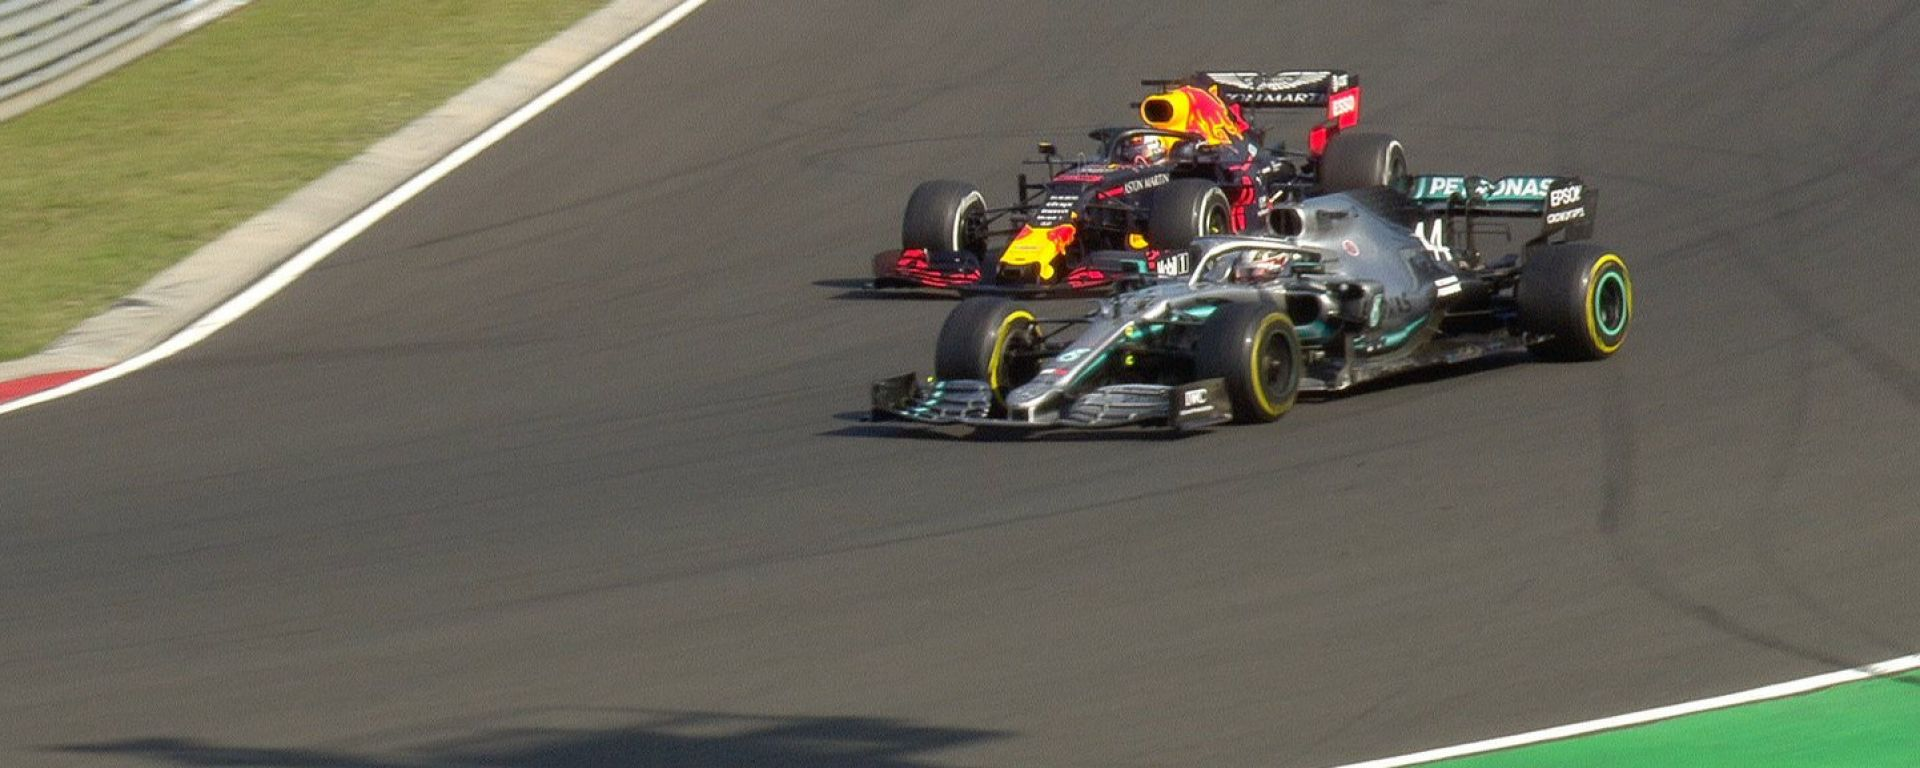 F1 GP Ungheria 2019, Budapest: il sorpasso decisivo di Hamilton (Mercedes) su Verstappen (Red Bull)